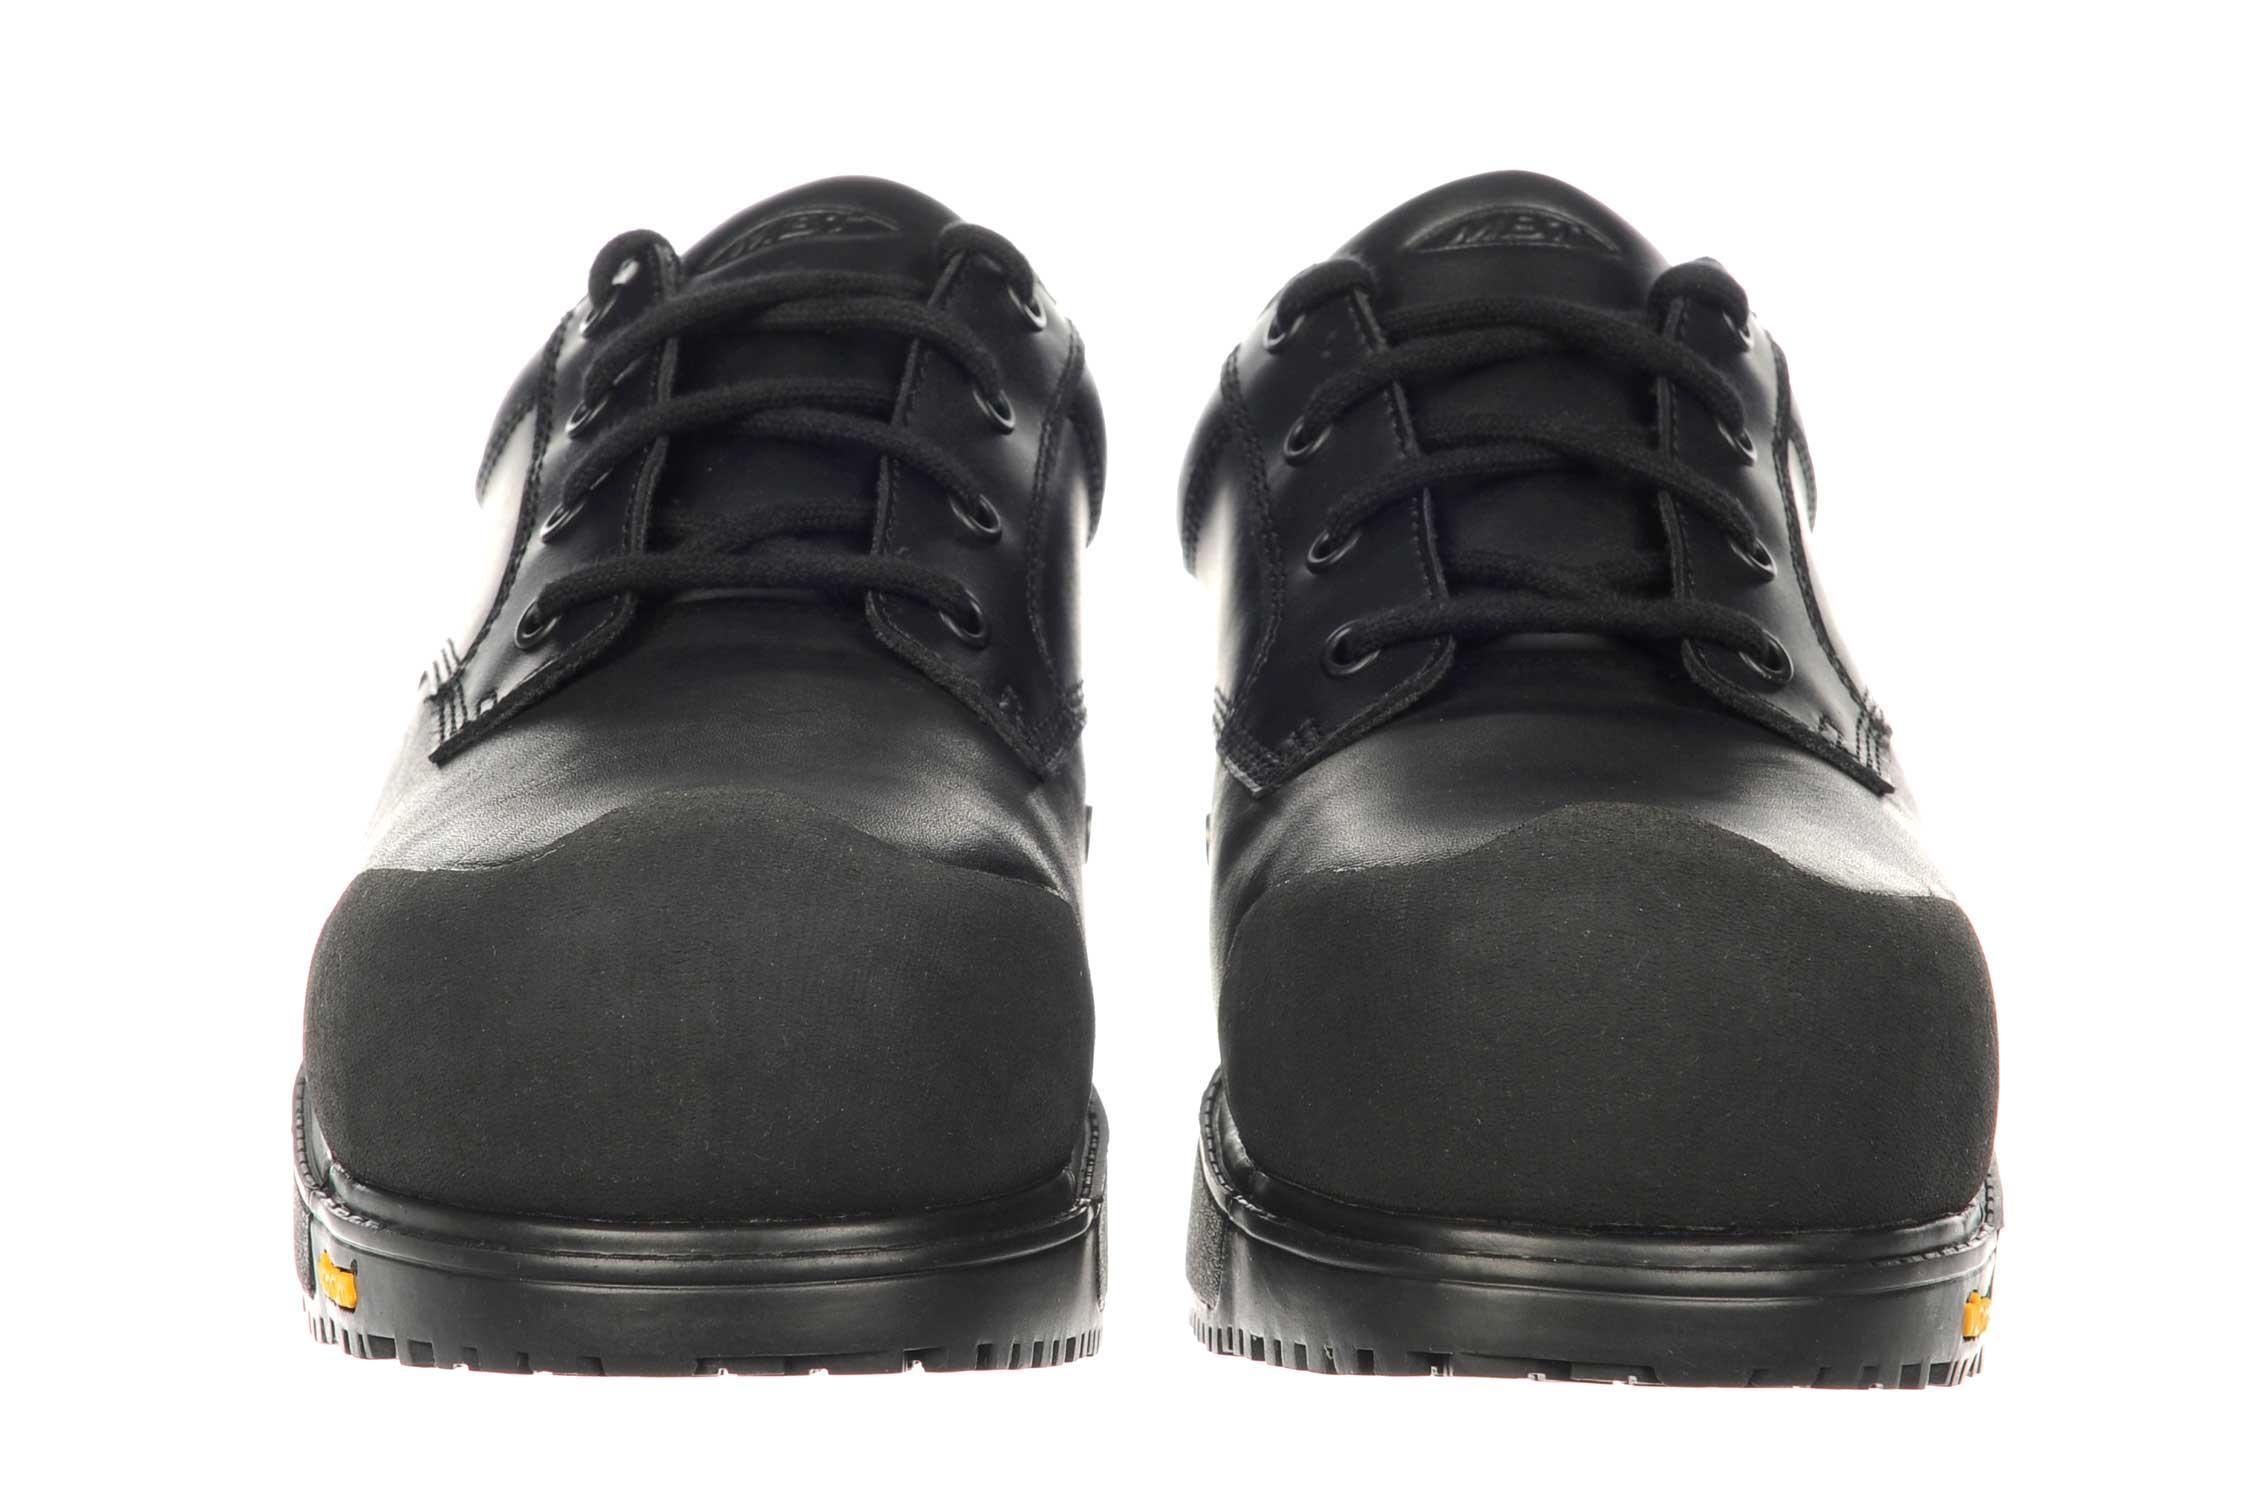 Omega Work Safety Shoe Black